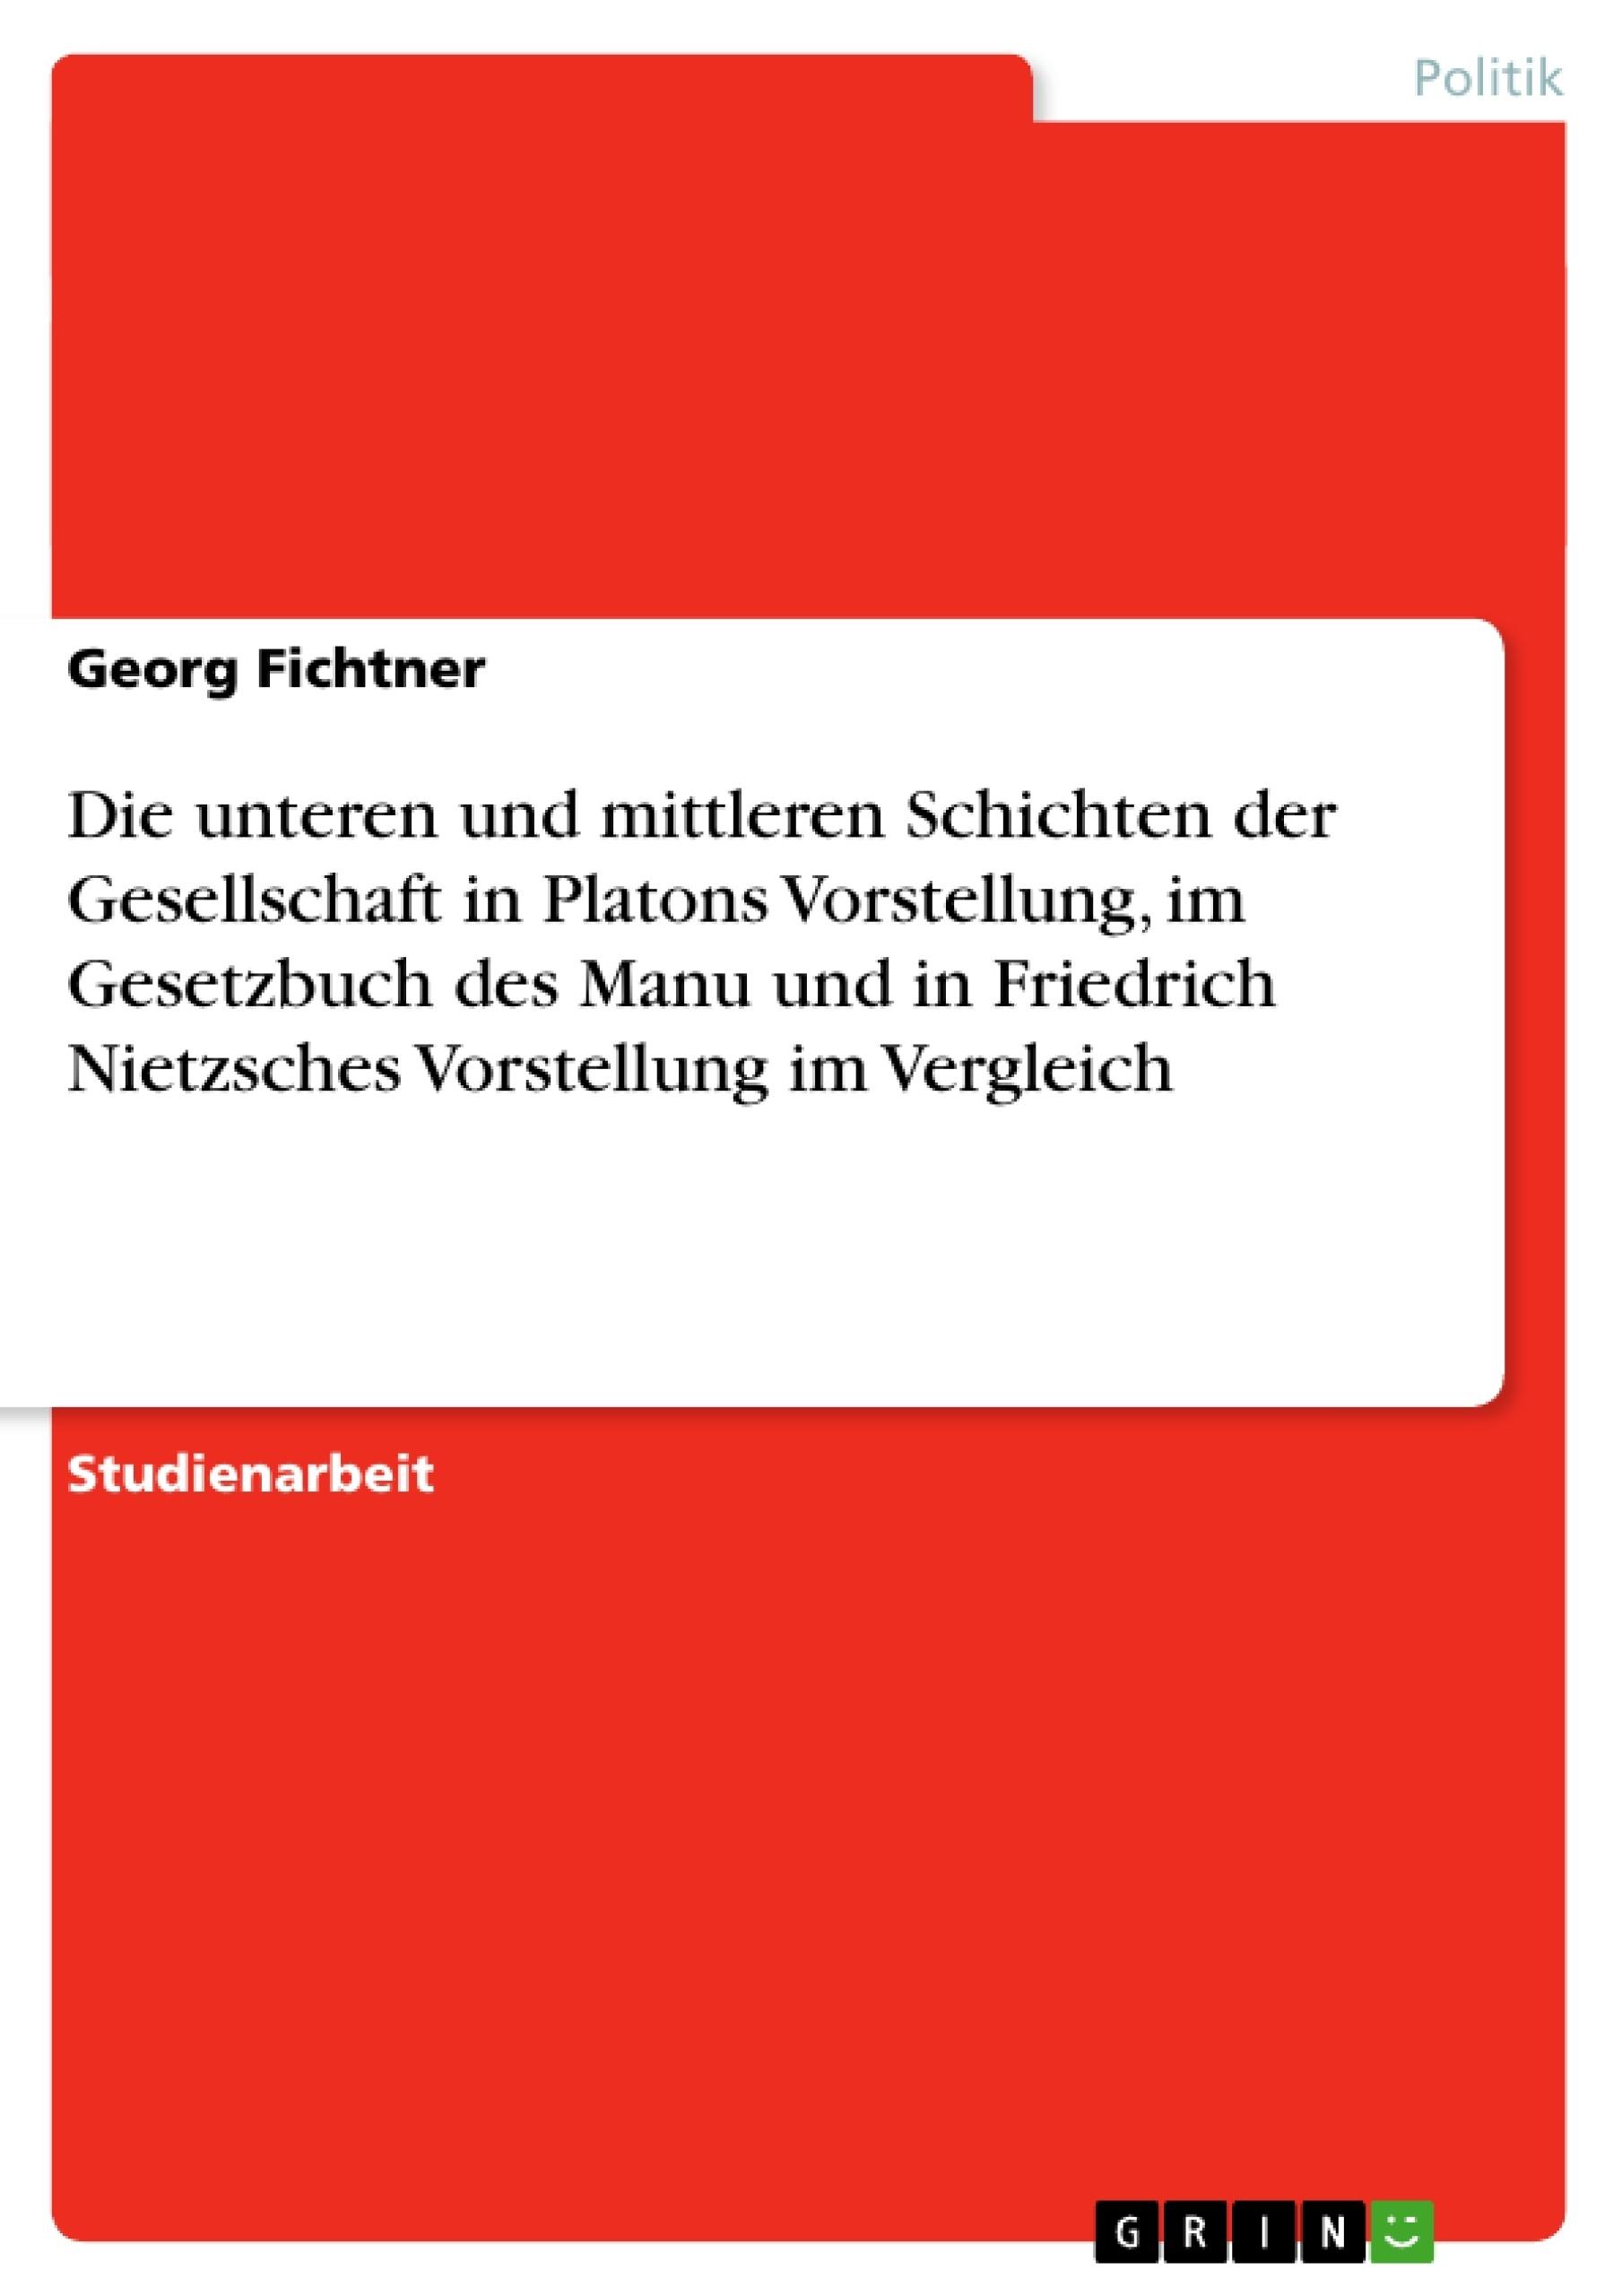 Titel: Die unteren und mittleren Schichten der Gesellschaft in  Platons Vorstellung, im Gesetzbuch des Manu und in Friedrich Nietzsches Vorstellung im Vergleich